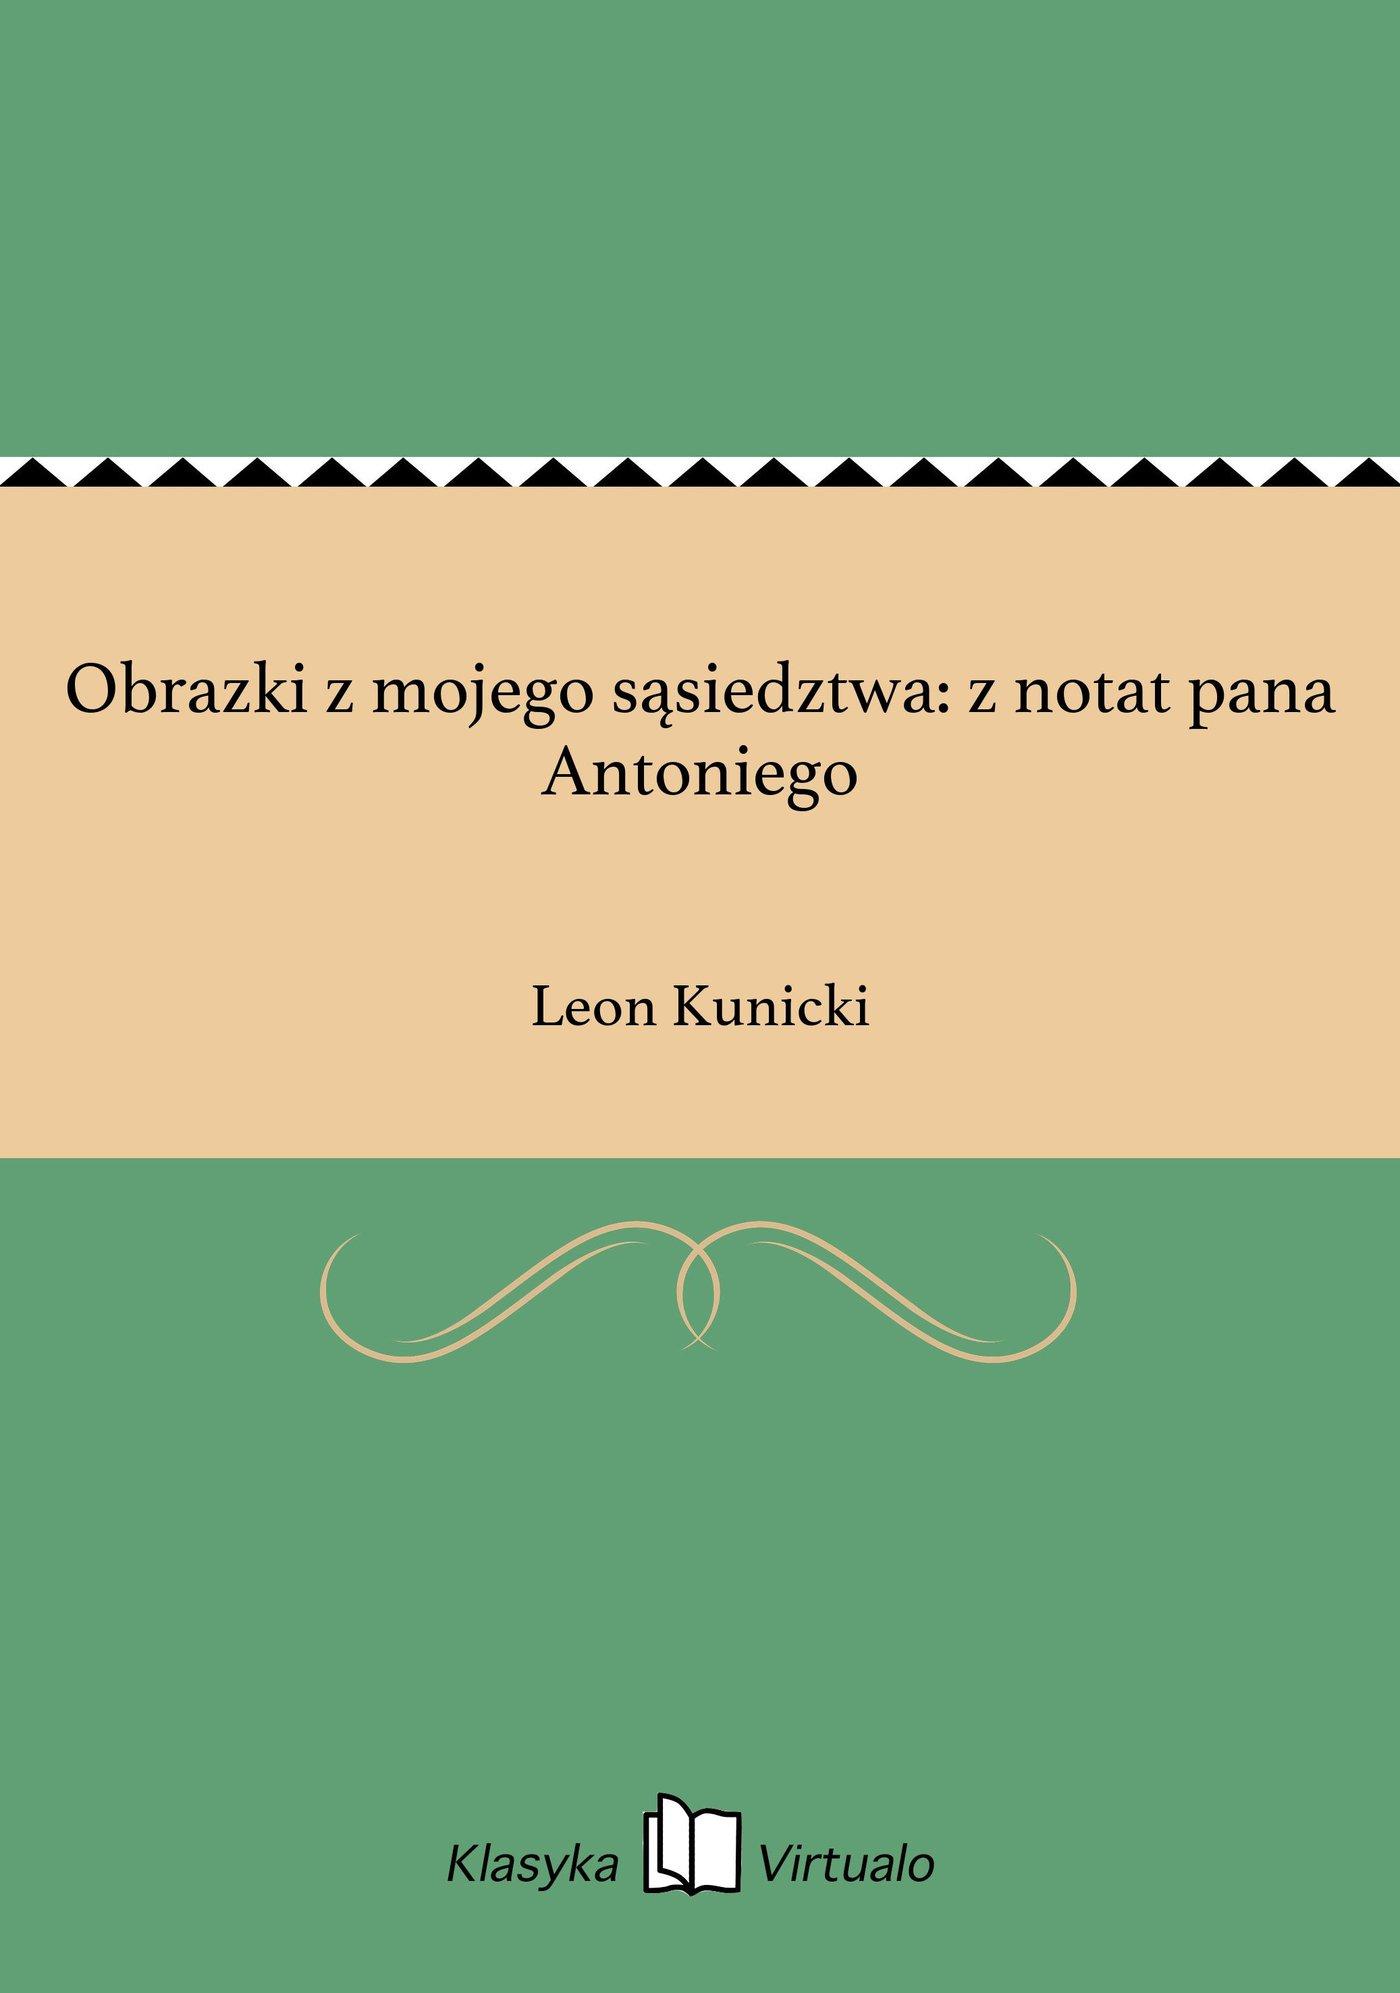 Obrazki z mojego sąsiedztwa: z notat pana Antoniego - Ebook (Książka na Kindle) do pobrania w formacie MOBI